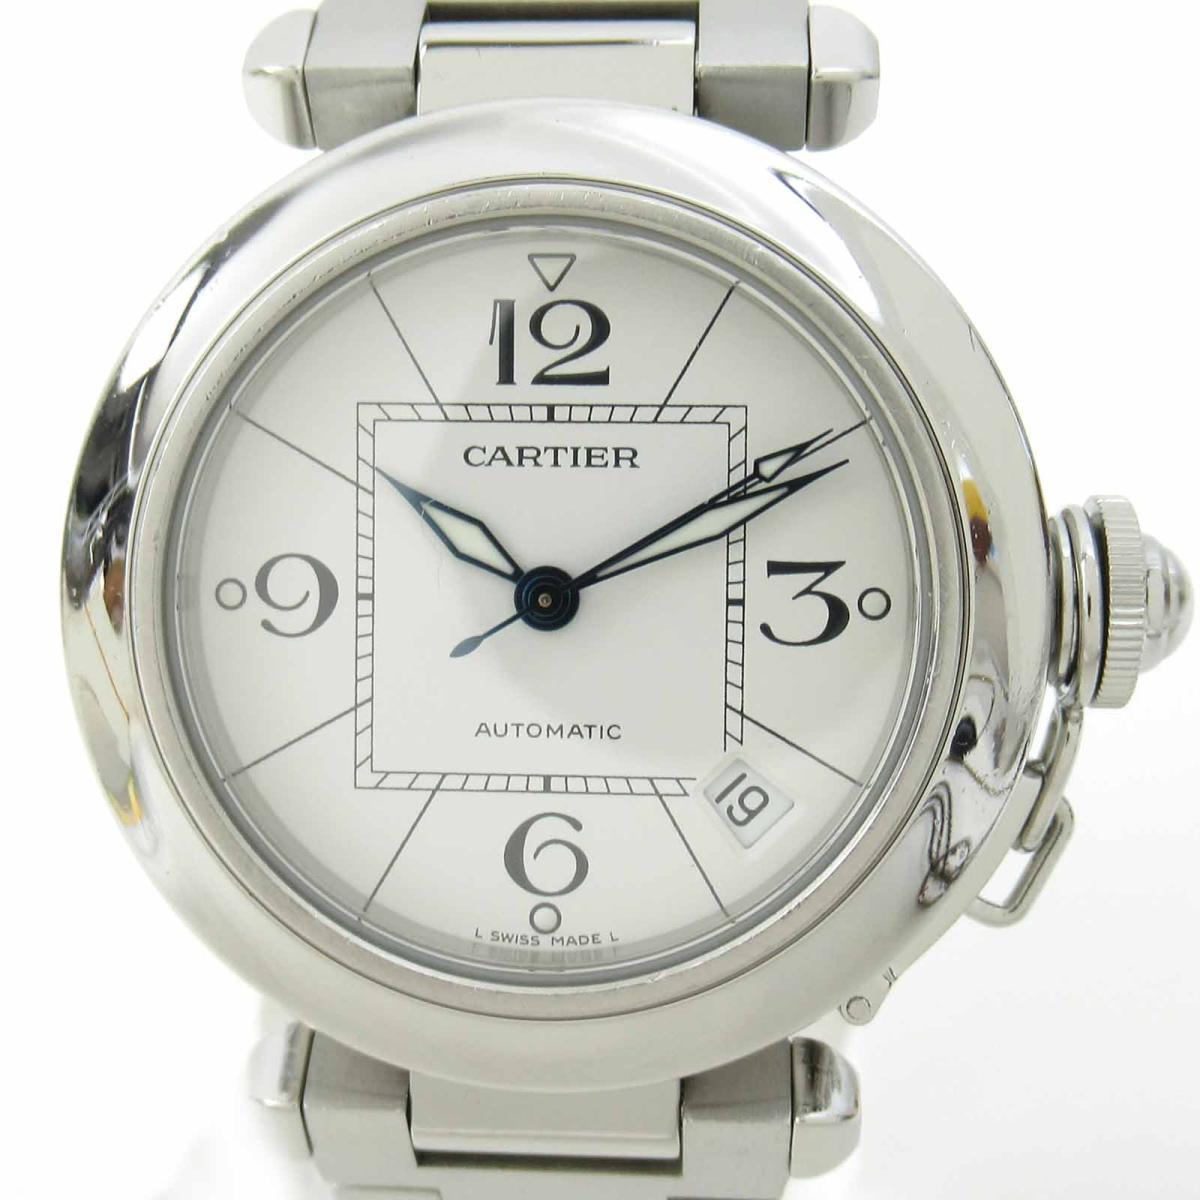 ≪期間限定≫メルマガ登録でクーポンGET! 【中古】 カルティエ パシャC ウォッチ 腕時計 メンズ ステンレススチール (SS) | Cartier BRANDOFF ブランドオフ ブランド ブランド時計 ブランド腕時計 時計